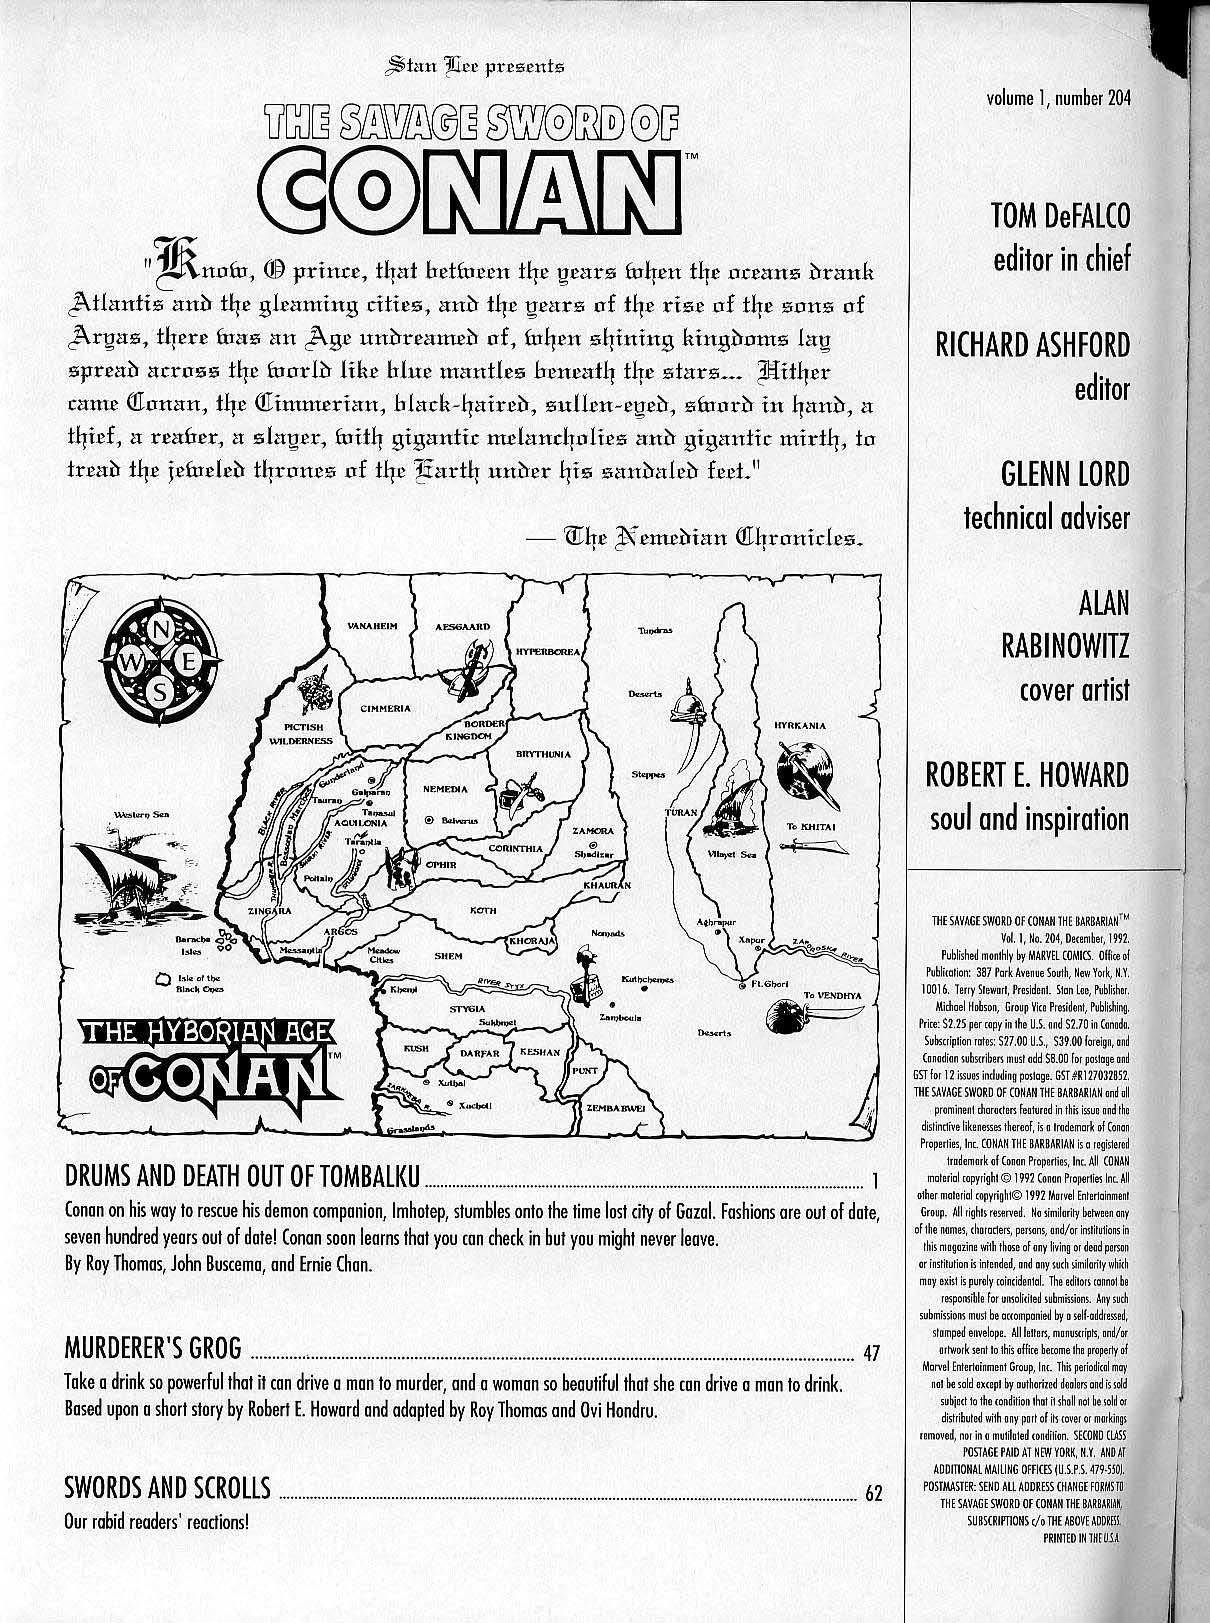 ot.com/tXN #32 - English 2